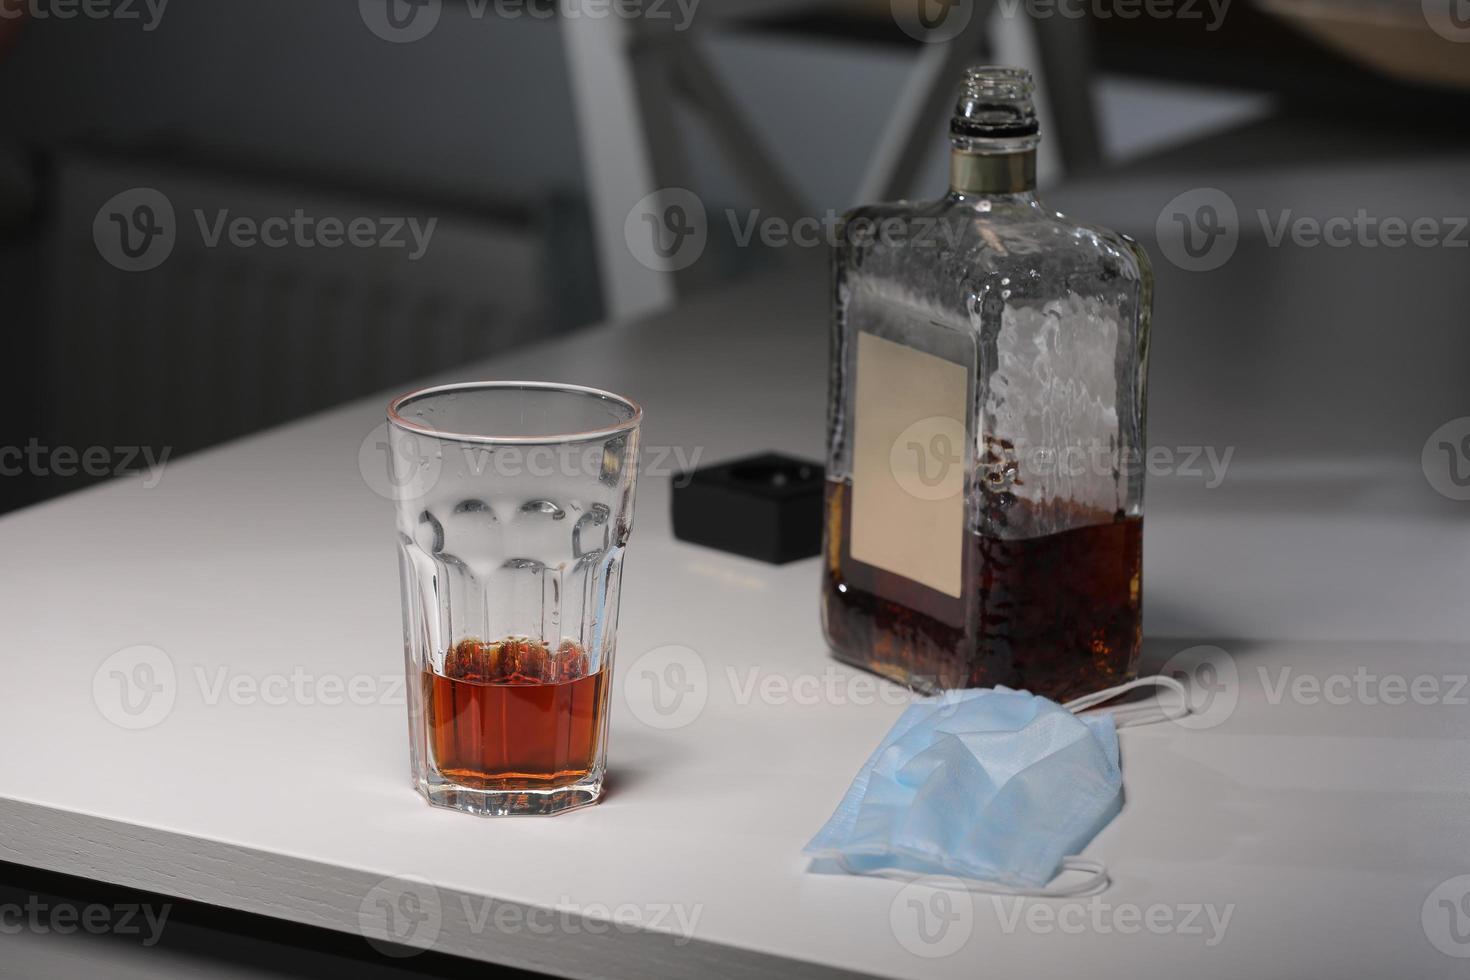 glas med alkohol, flaska whisky och medicinsk mask på bordet. begreppet inställda sociala evenemang under pandemi och corona -karantän foto